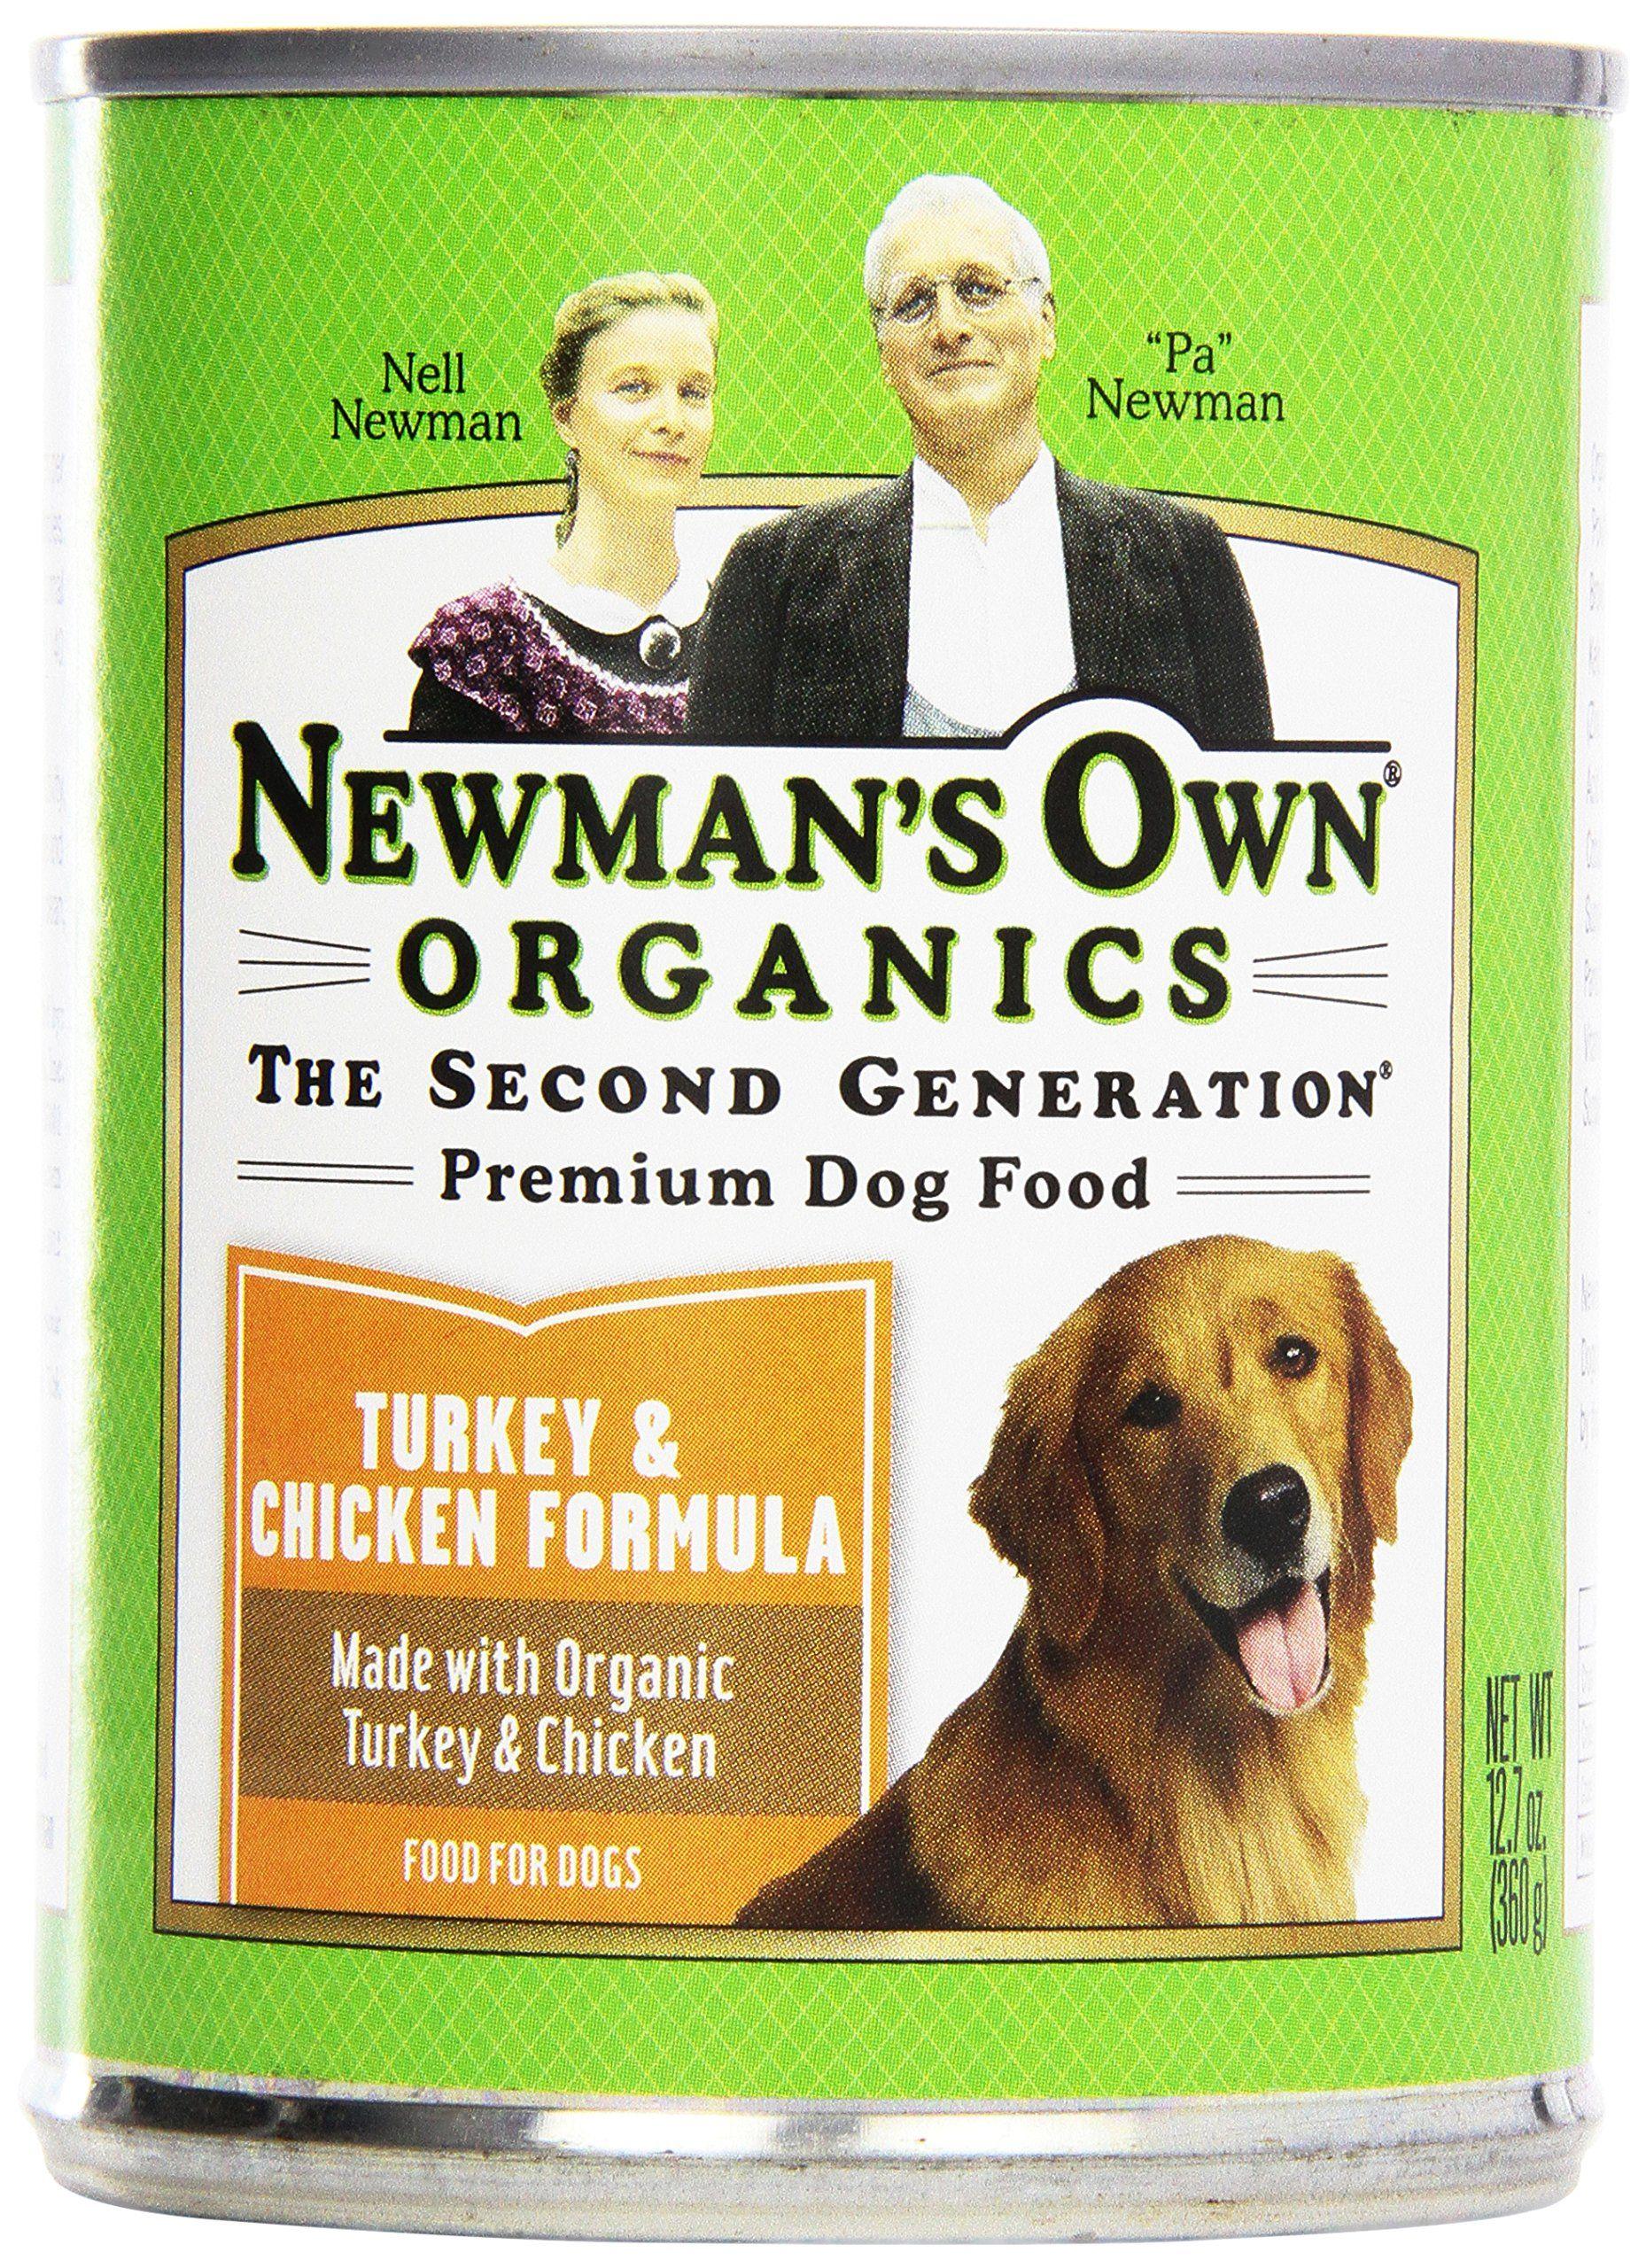 newmans own organics dog food